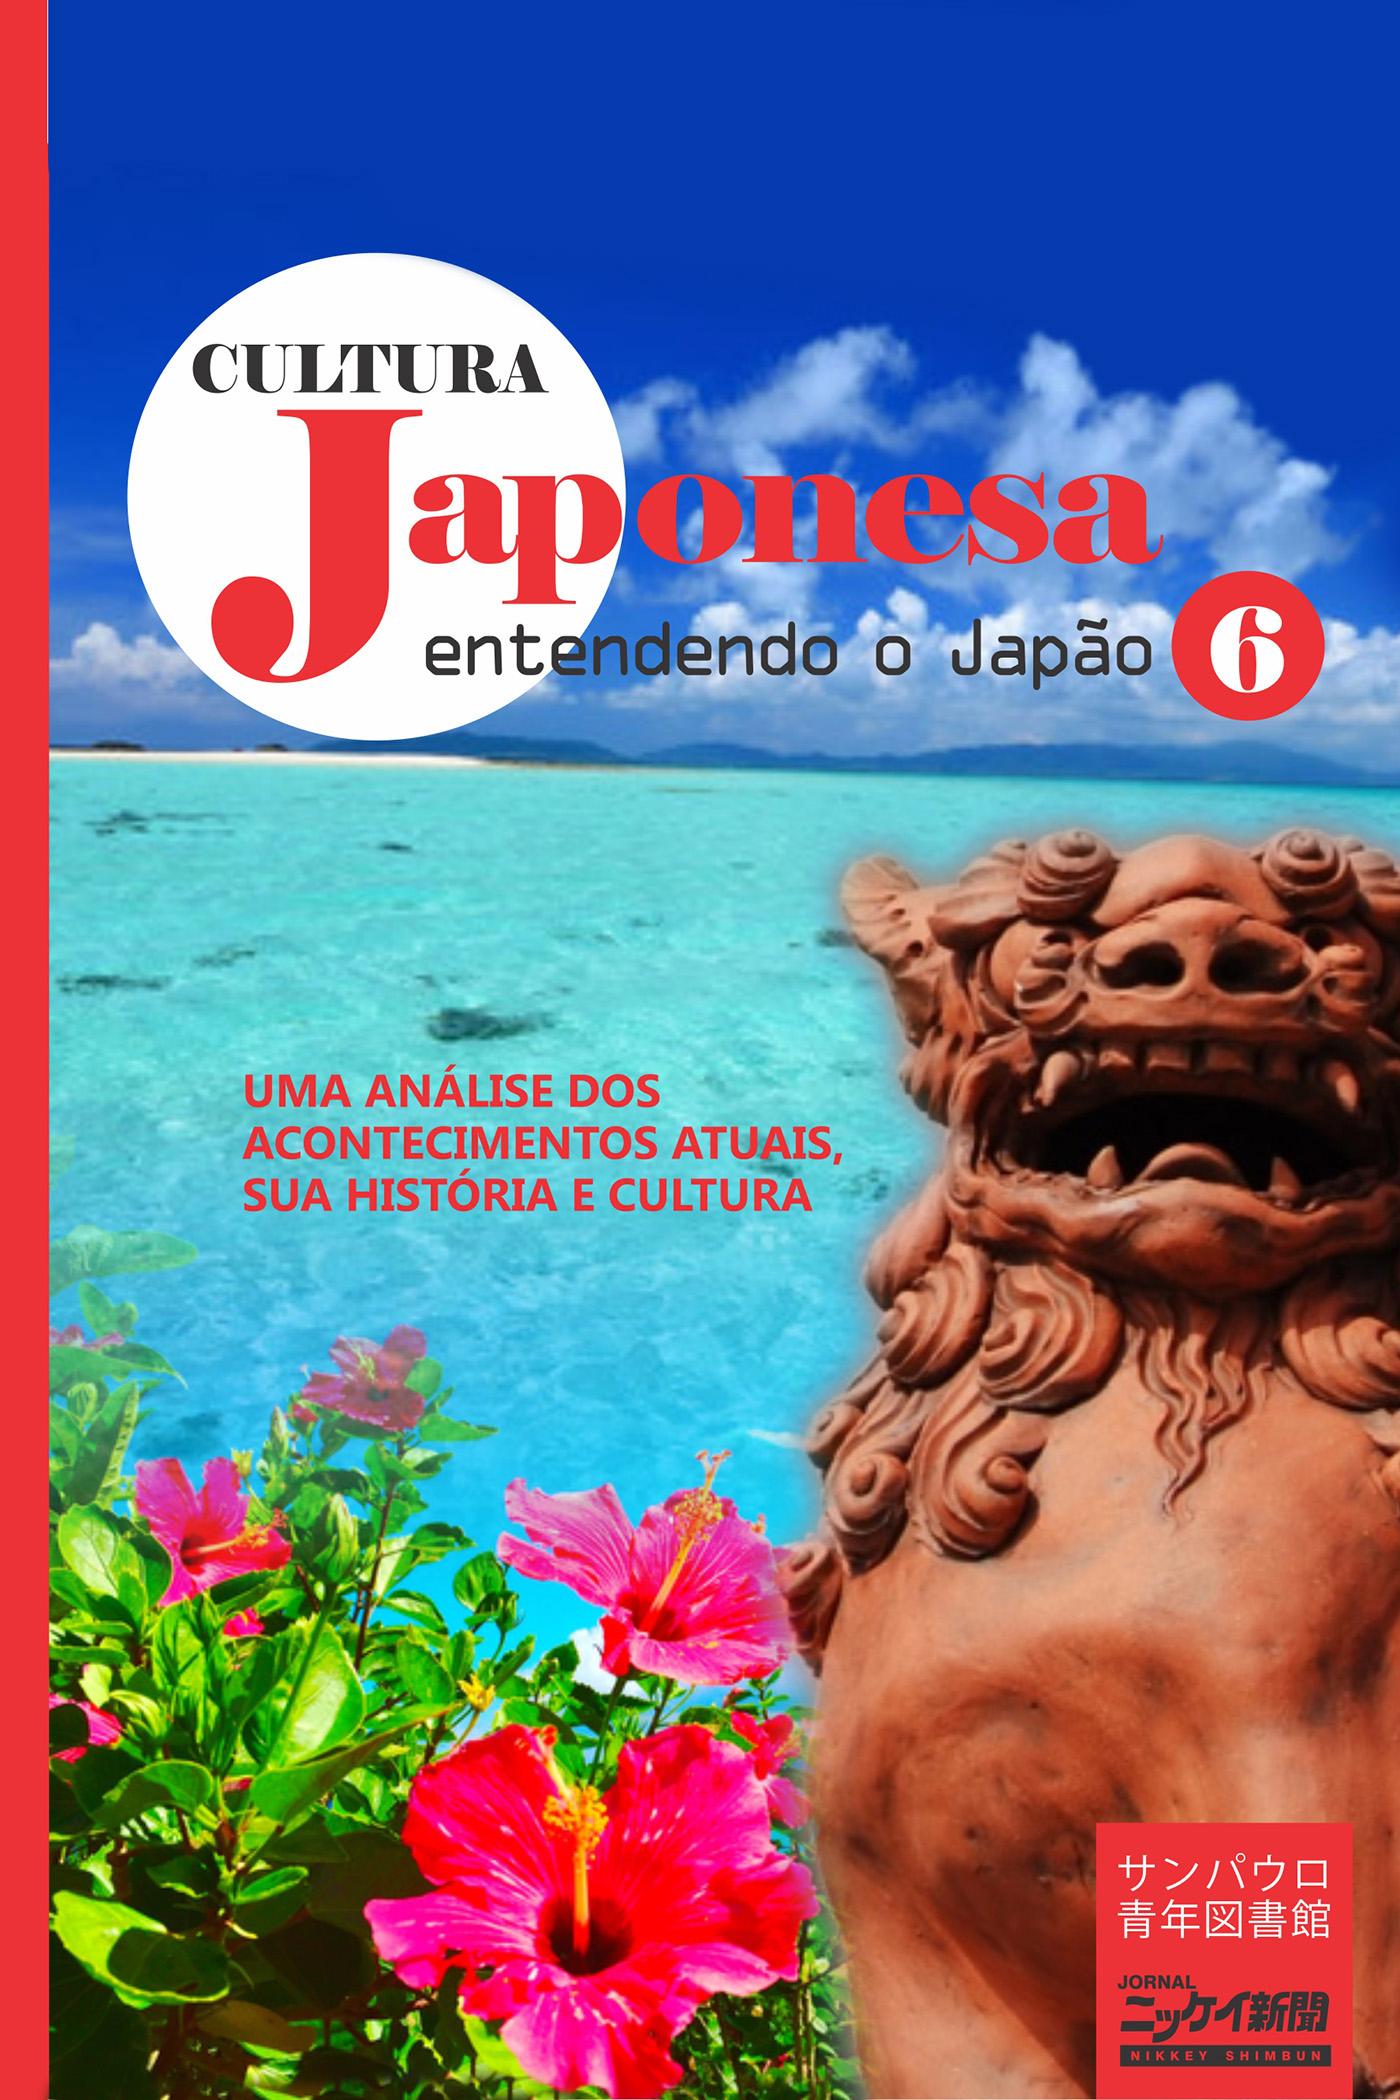 cultura japonesa 6